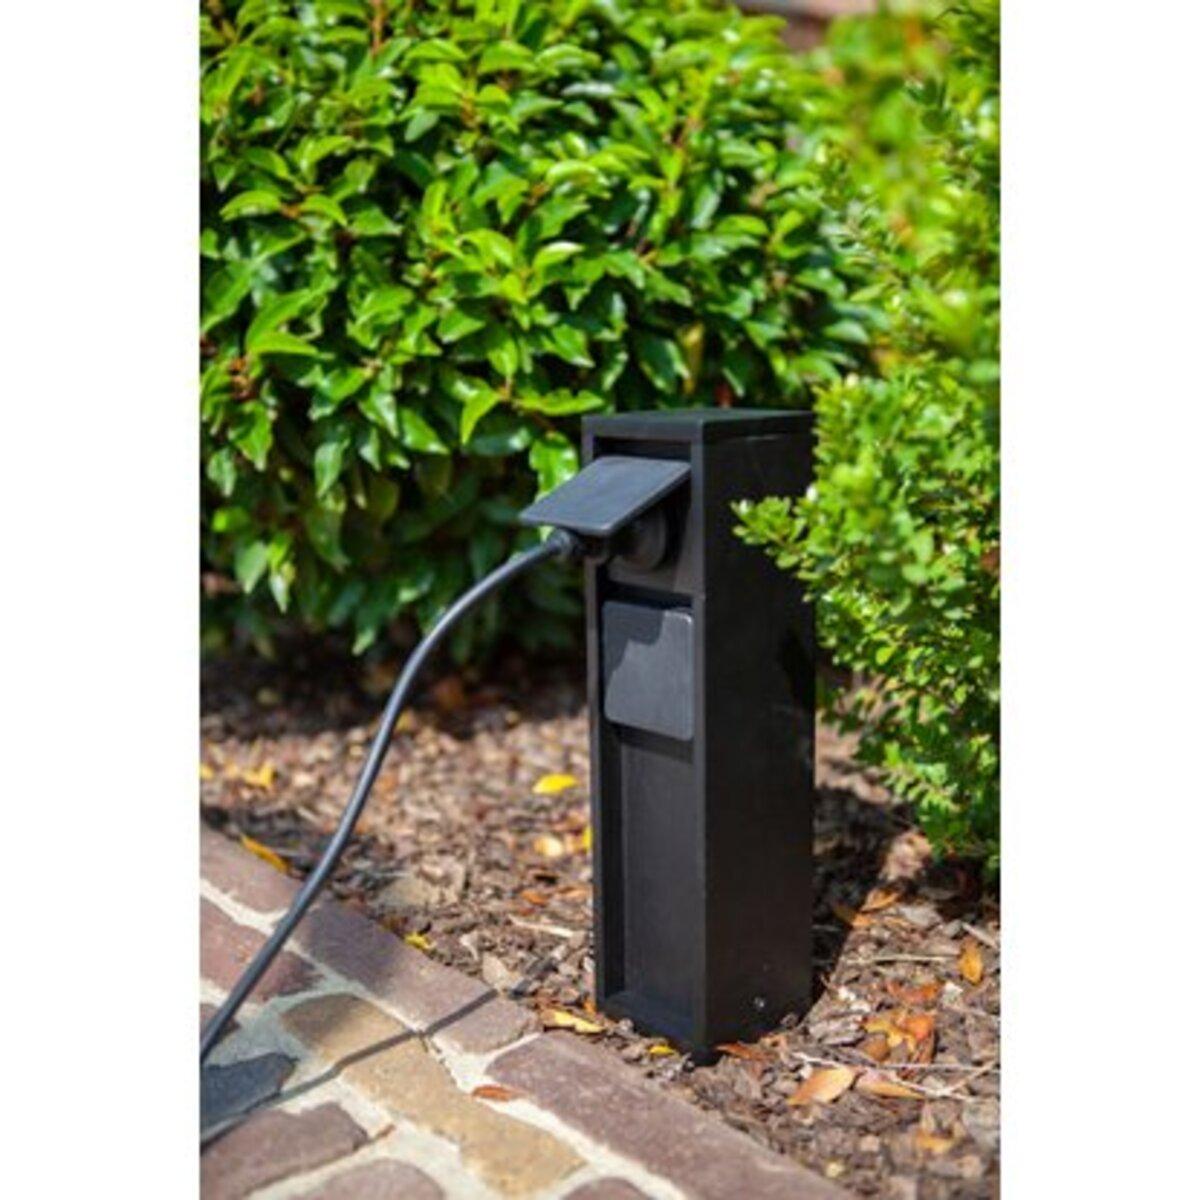 Bild 4 von Lutec Stromverteiler Mains Schwarz